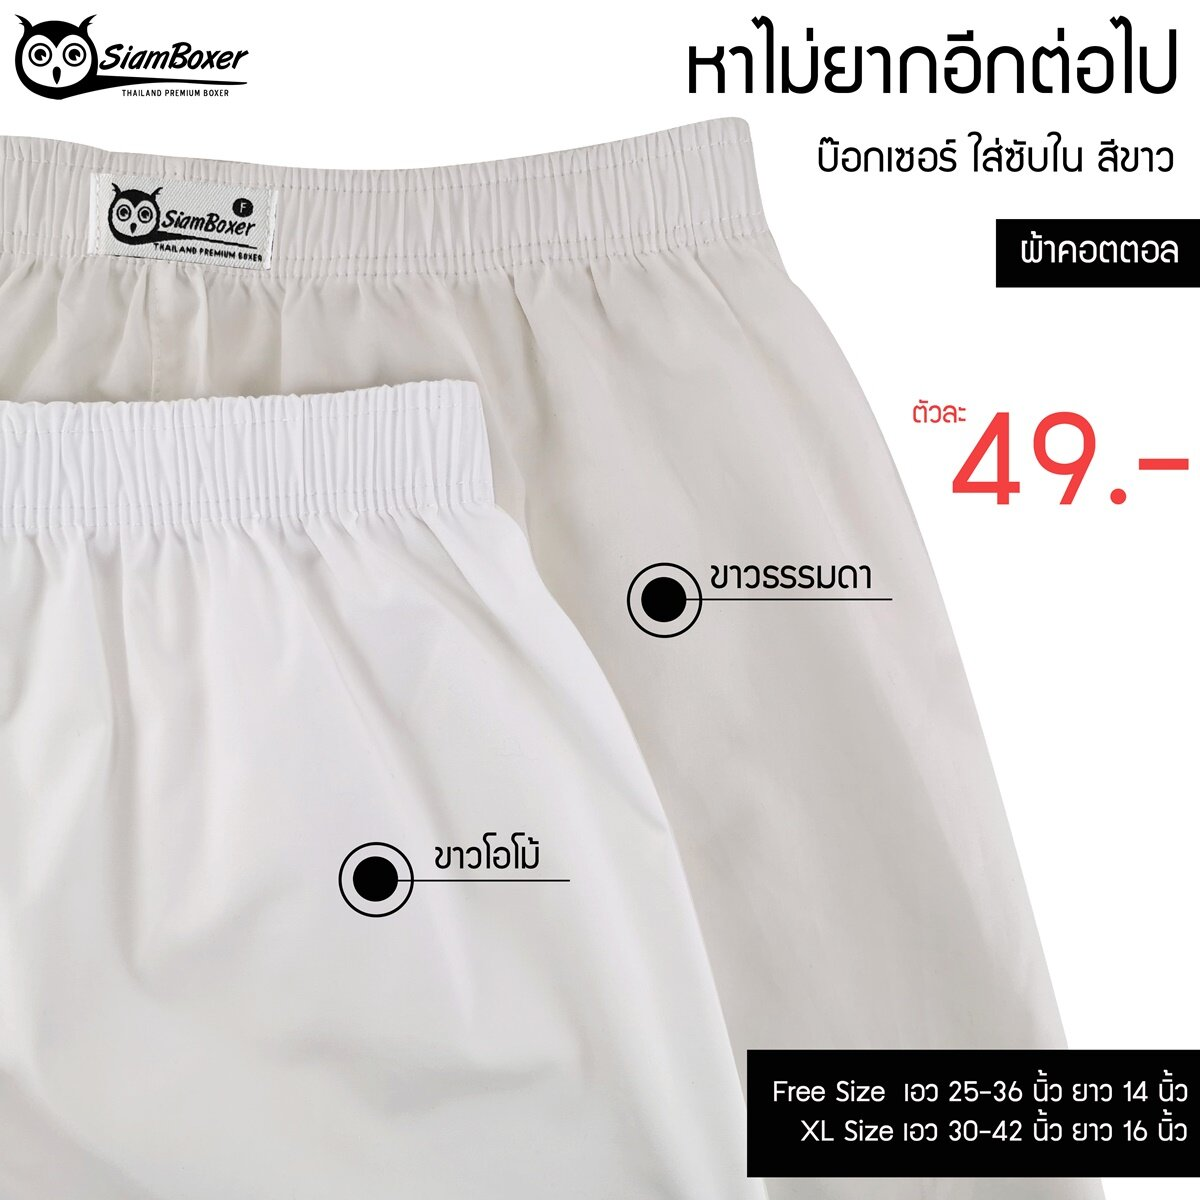 บ๊อกเซอร์สีขาว ใส่ซับใน ผ้าคอตตอล เอว25-42นิ้ว - สยามบ๊อกเซอร์.